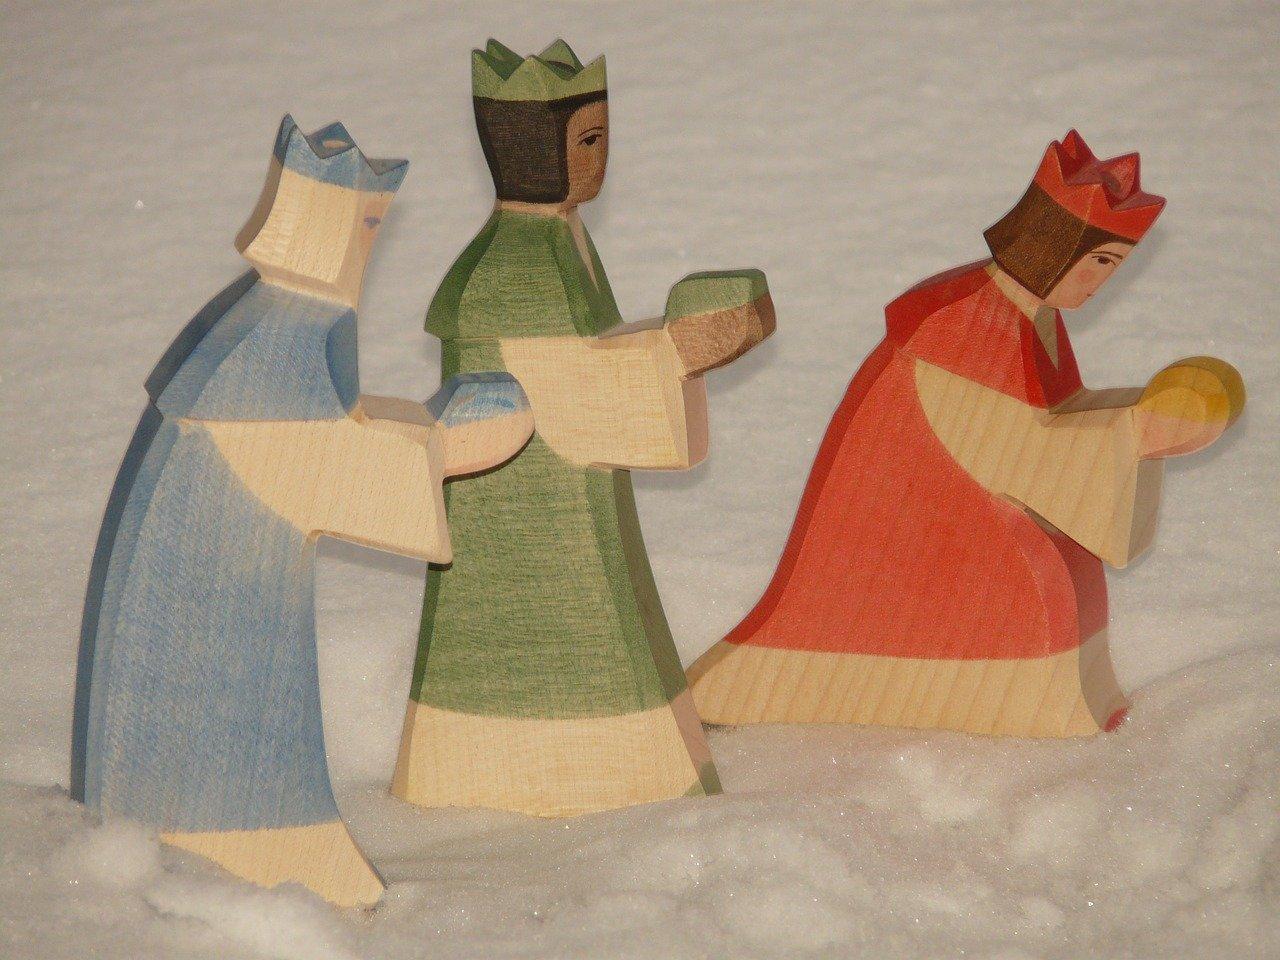 Χριστουγεννιάτικα τραγούδια – Φουμ φουμ φουμ